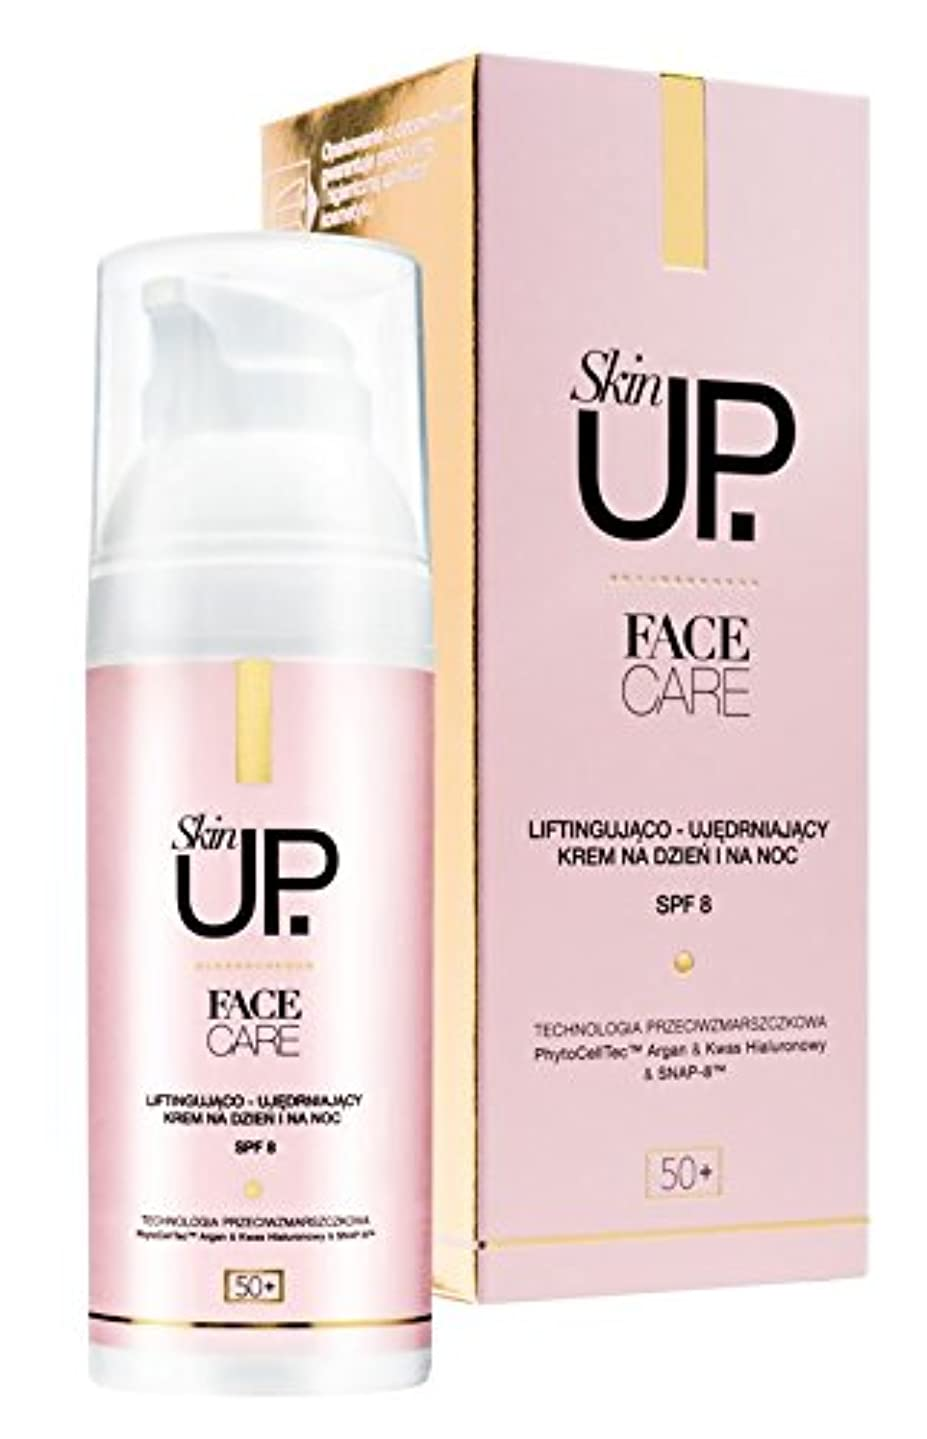 サバント検出可能大胆不敵Skin UP(スキンアップ) SUフェイスクリームアドバンス 50mL 「植物幹細胞エキス+2種のヒアルロン酸+SNAP-8」配合 ベタつかない高保湿クリーム